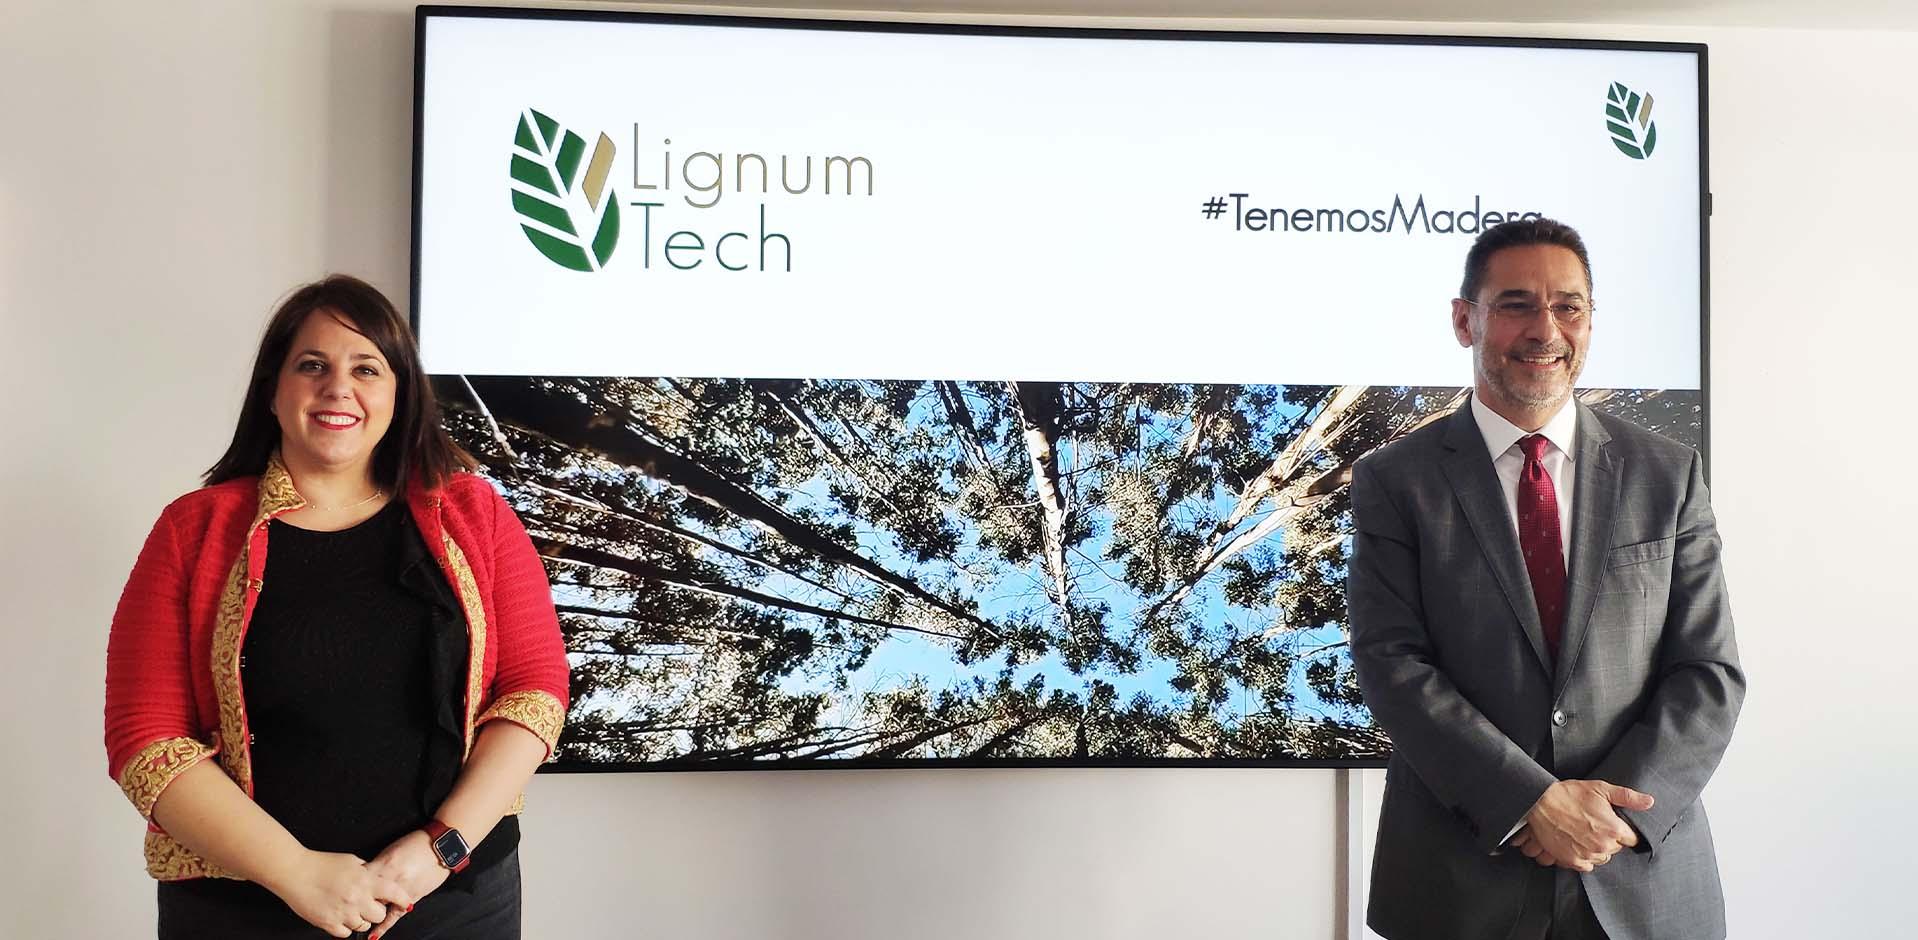 lignum-tech-via-agora